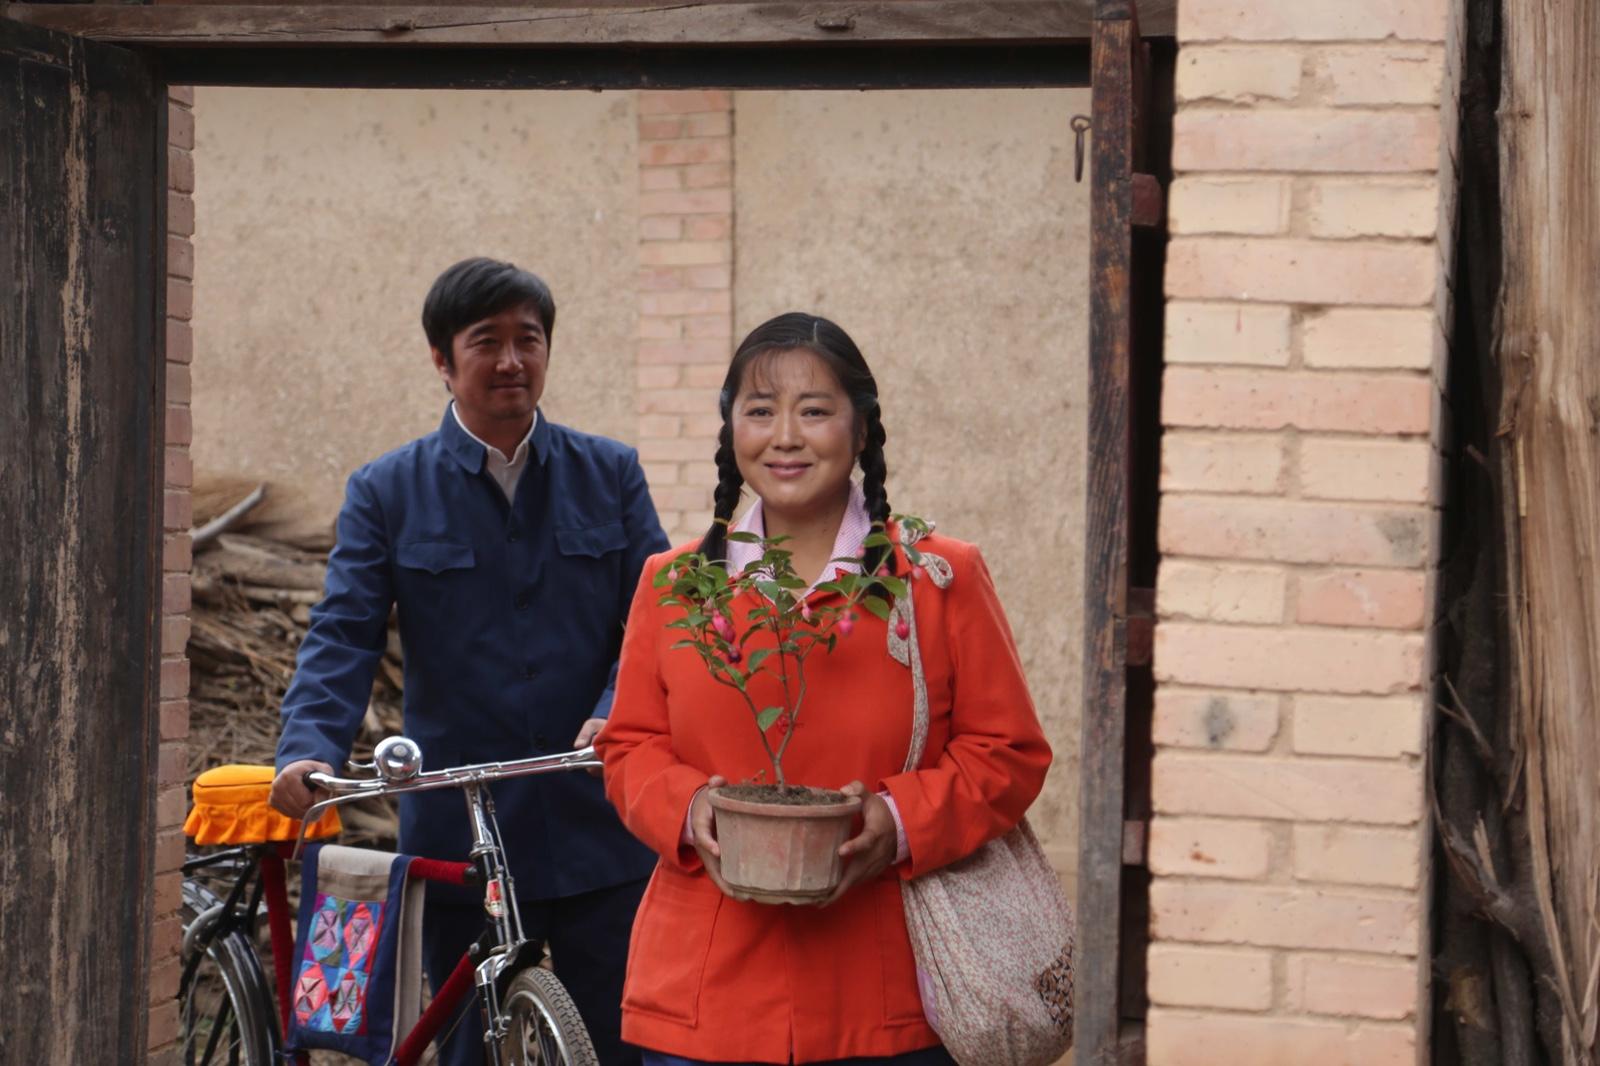 沈航王茜华牵手档v牵手《岁岁年年柿柿红》将登电视剧频道台湾本土剧夫妻12图片